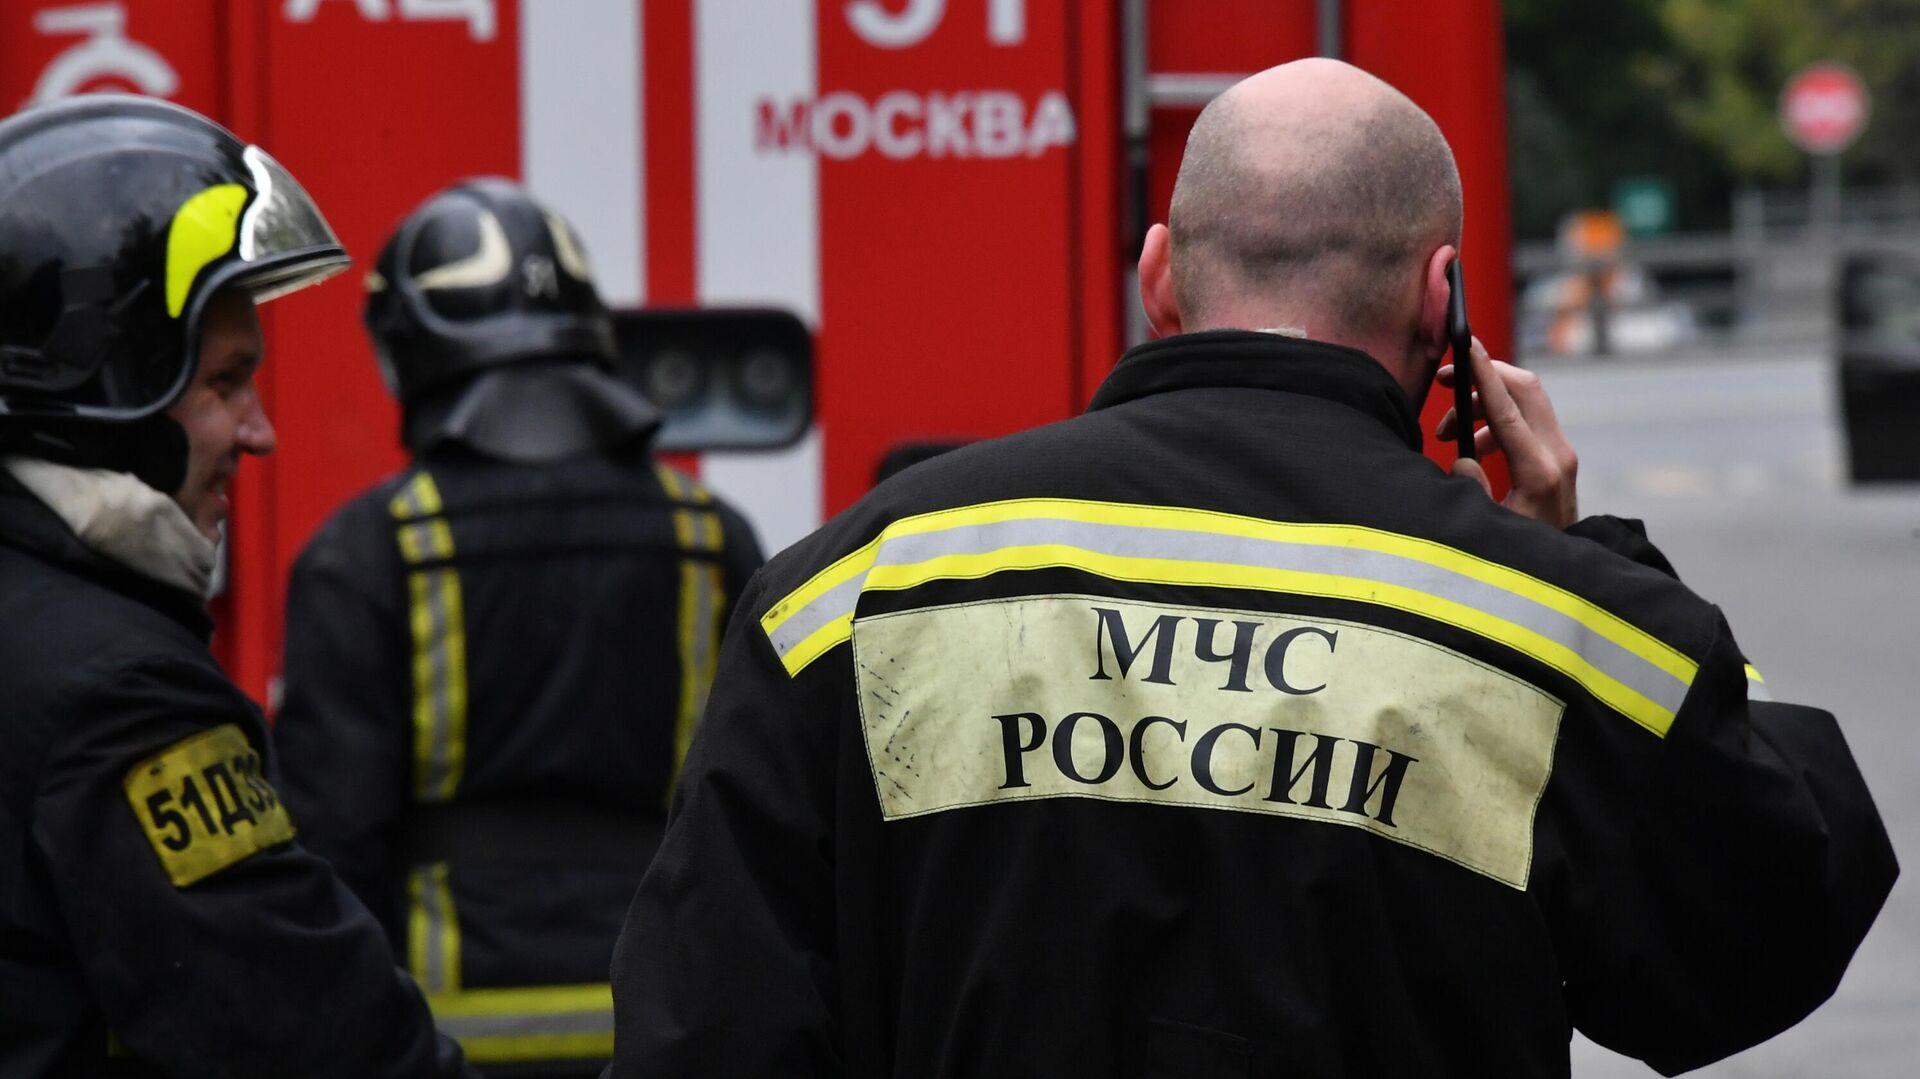 Группировку спасателей, тушащих пожар в Ростове-на-Дону, увеличили вдвое